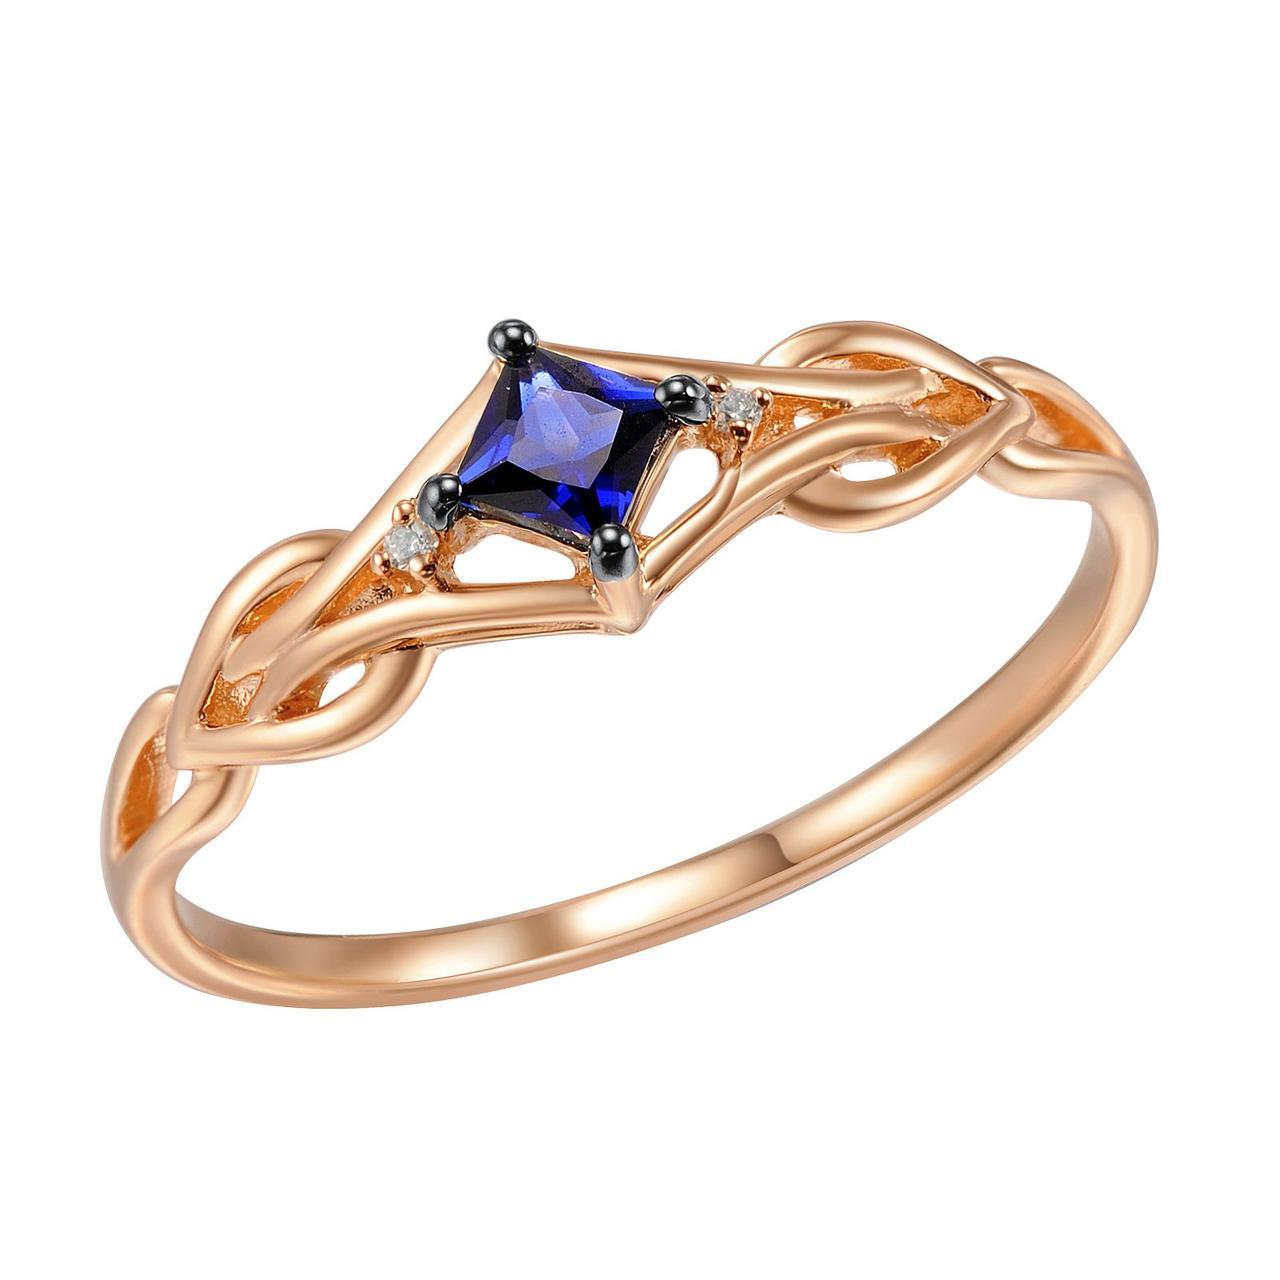 Золотое кольцо с бриллиантами и сапфиром, размер 17 (1509431)